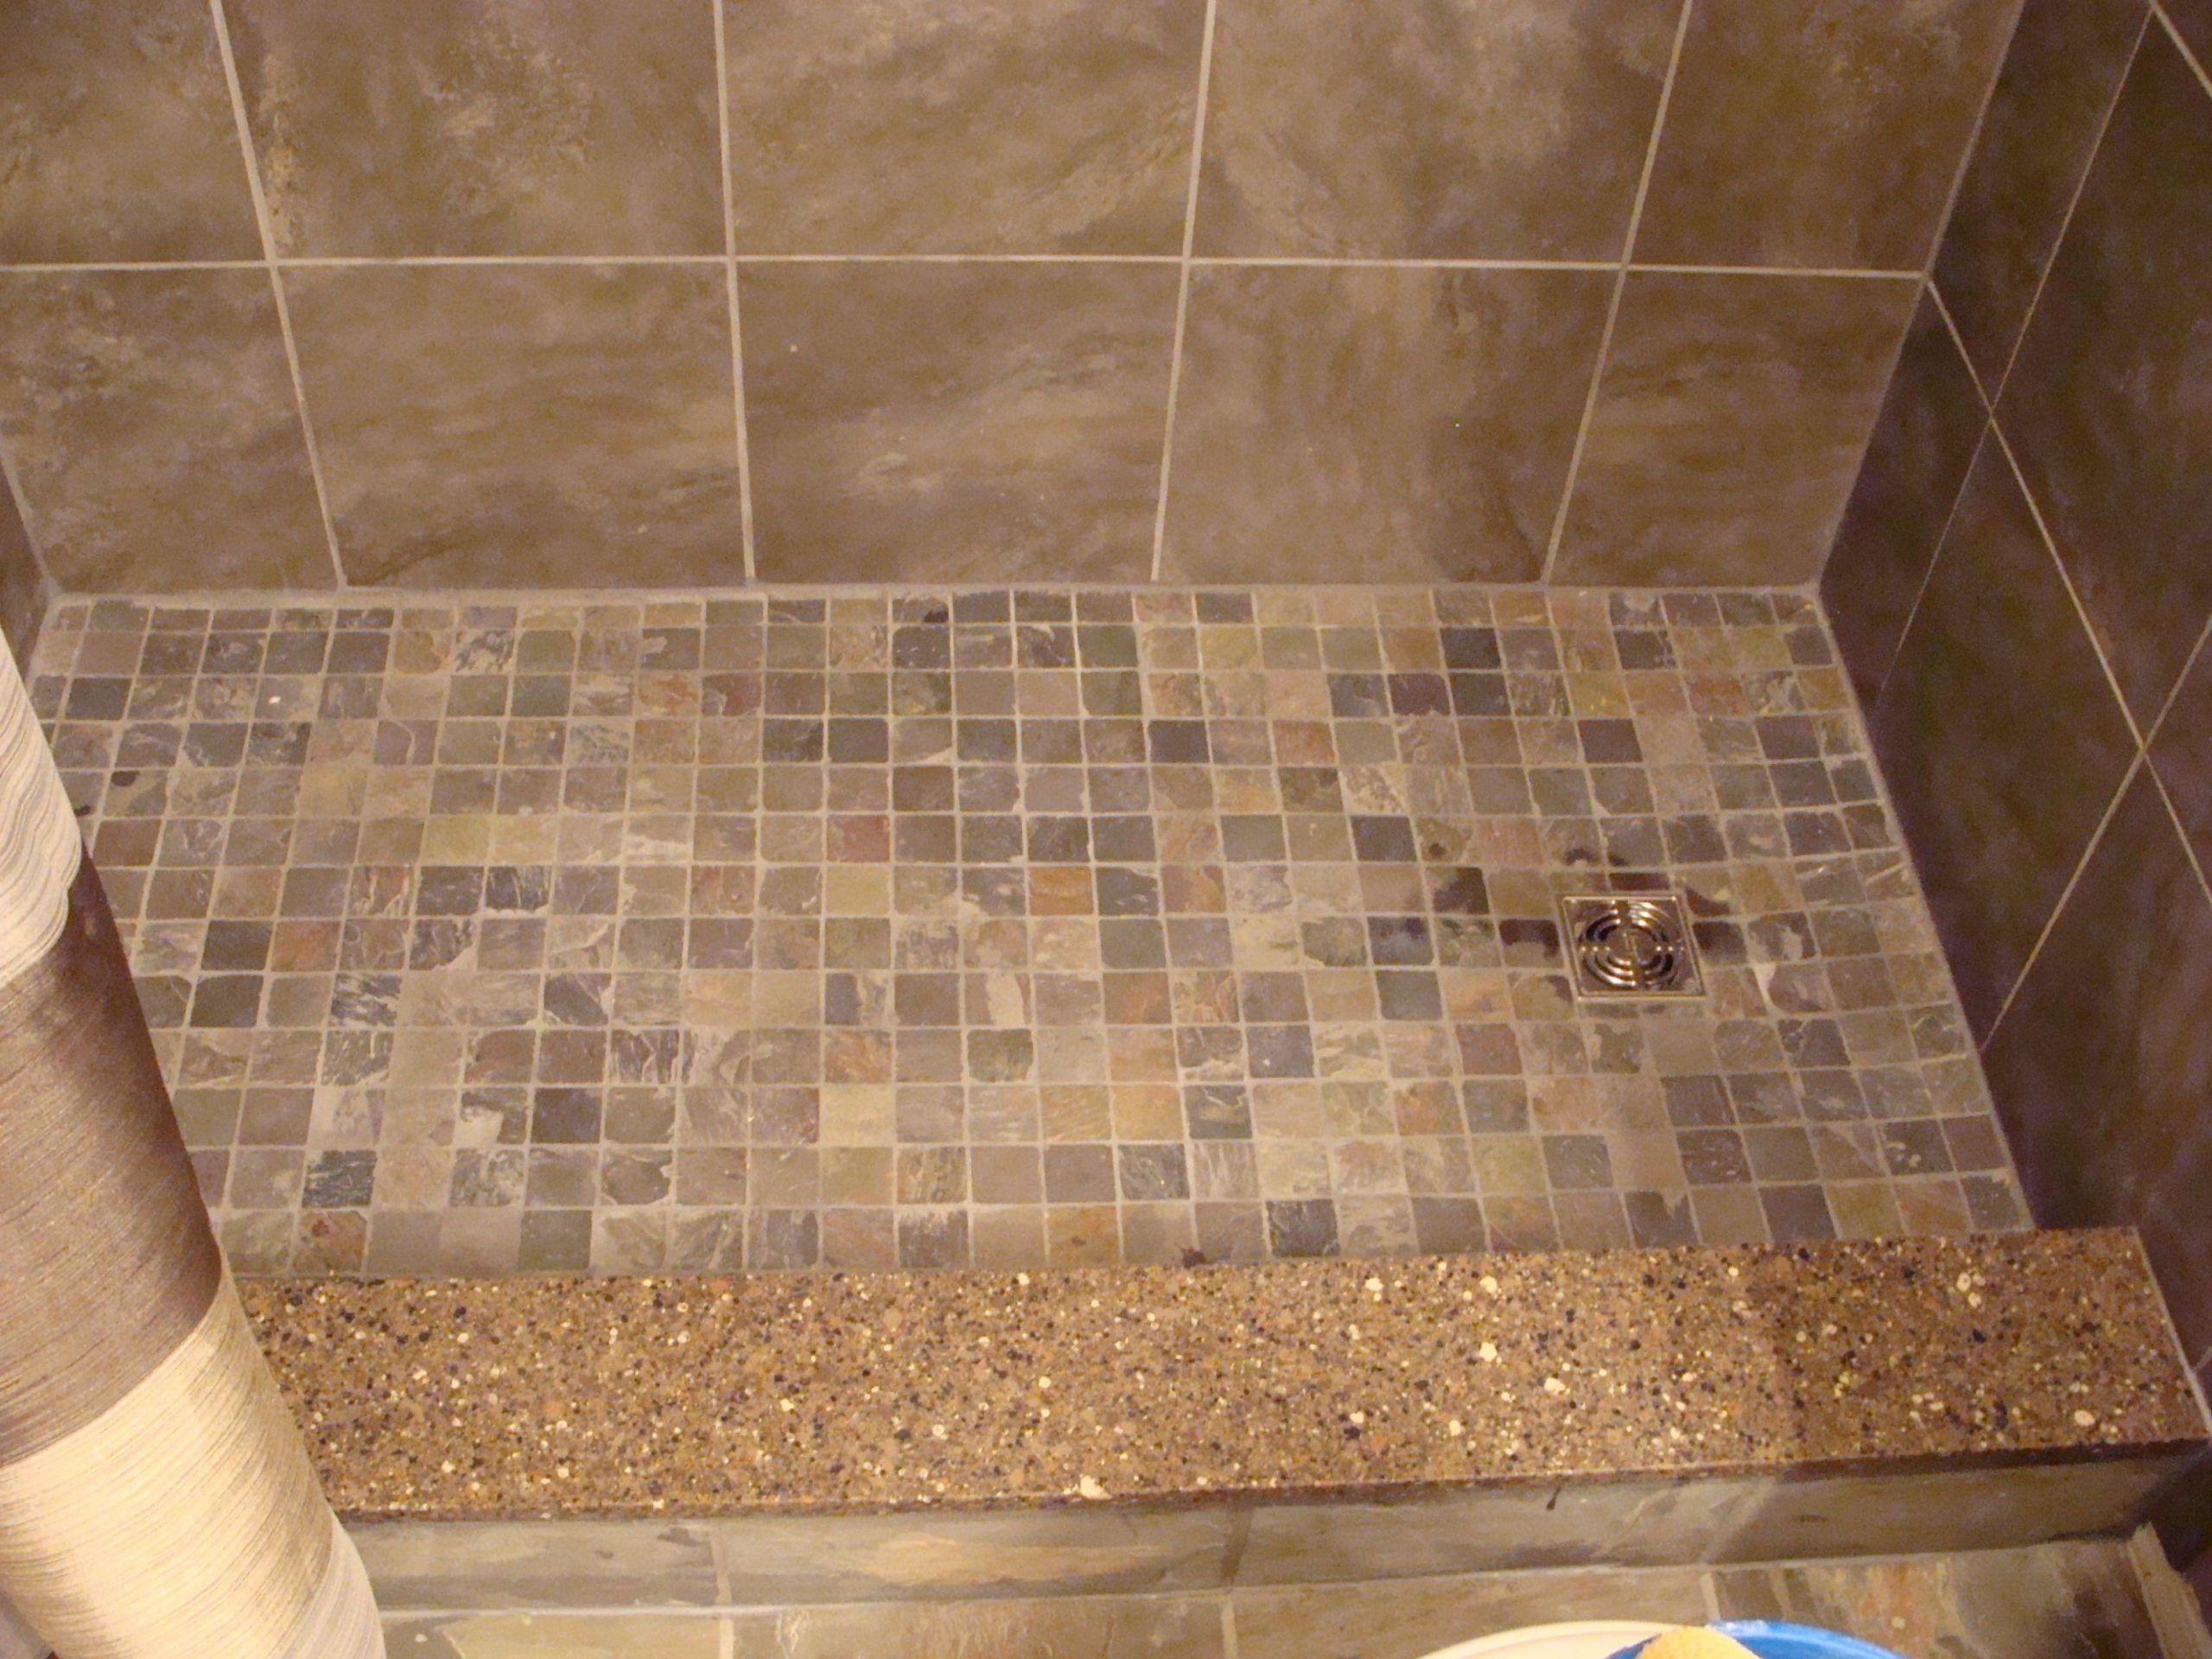 Bathroom Shower Curb Dengan Gambar